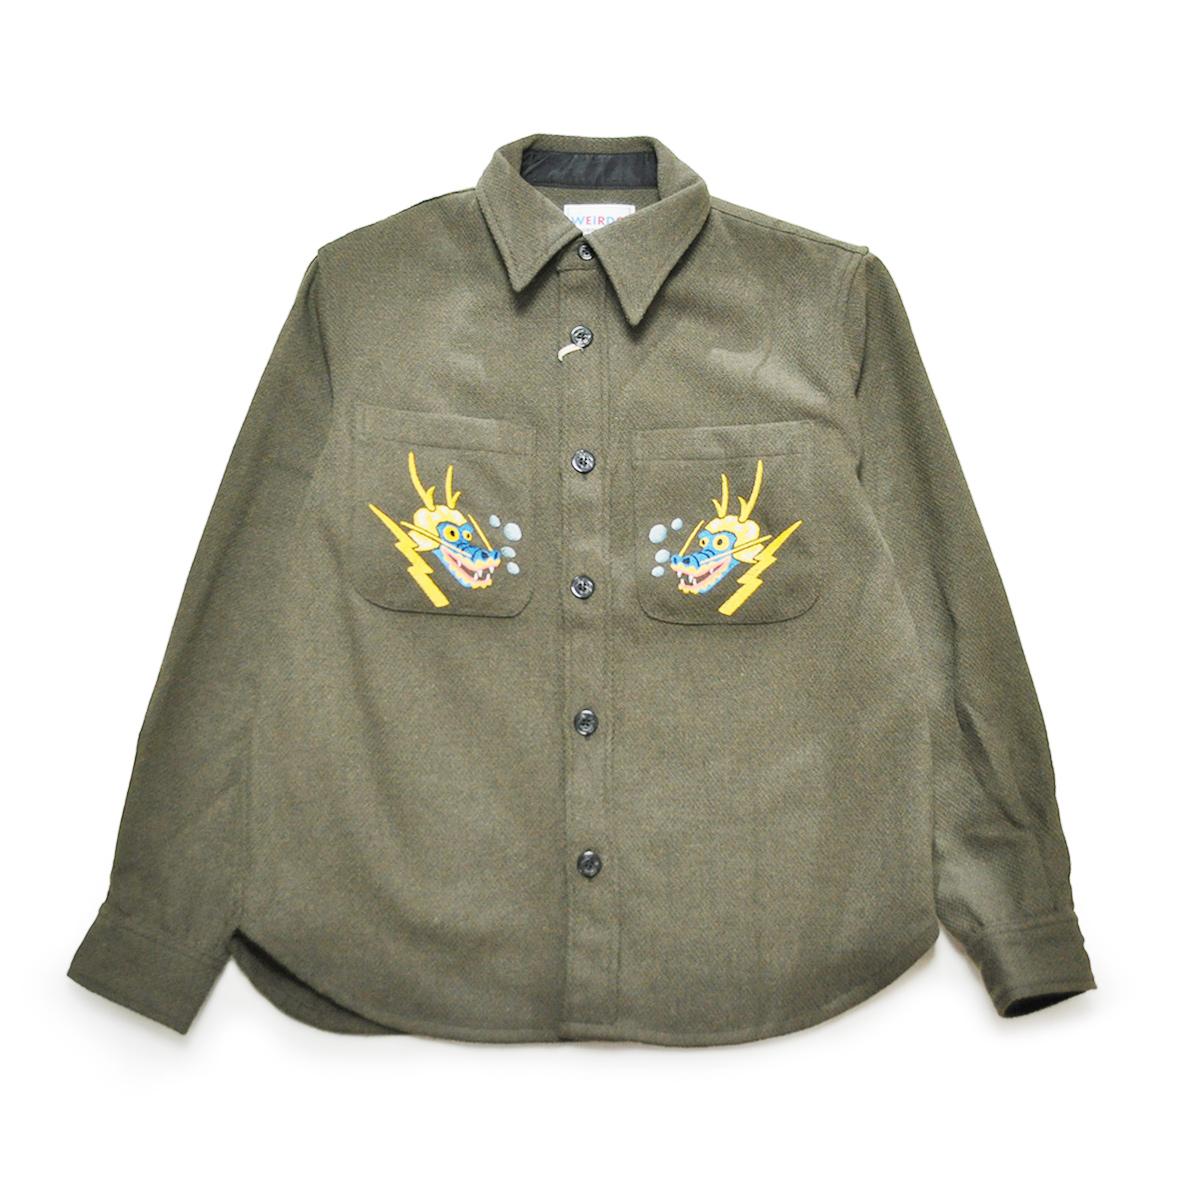 WEIRDO SNAPPY HAPPY WEIRDO - CPO SHIRTS JACKET (KHAKI) ウィアード CPOシャツジャケット/GLADHAND/グラッドハンド/GANGSTERVILLE/ギャングスタービル/OLD CROW/オールドクロウ